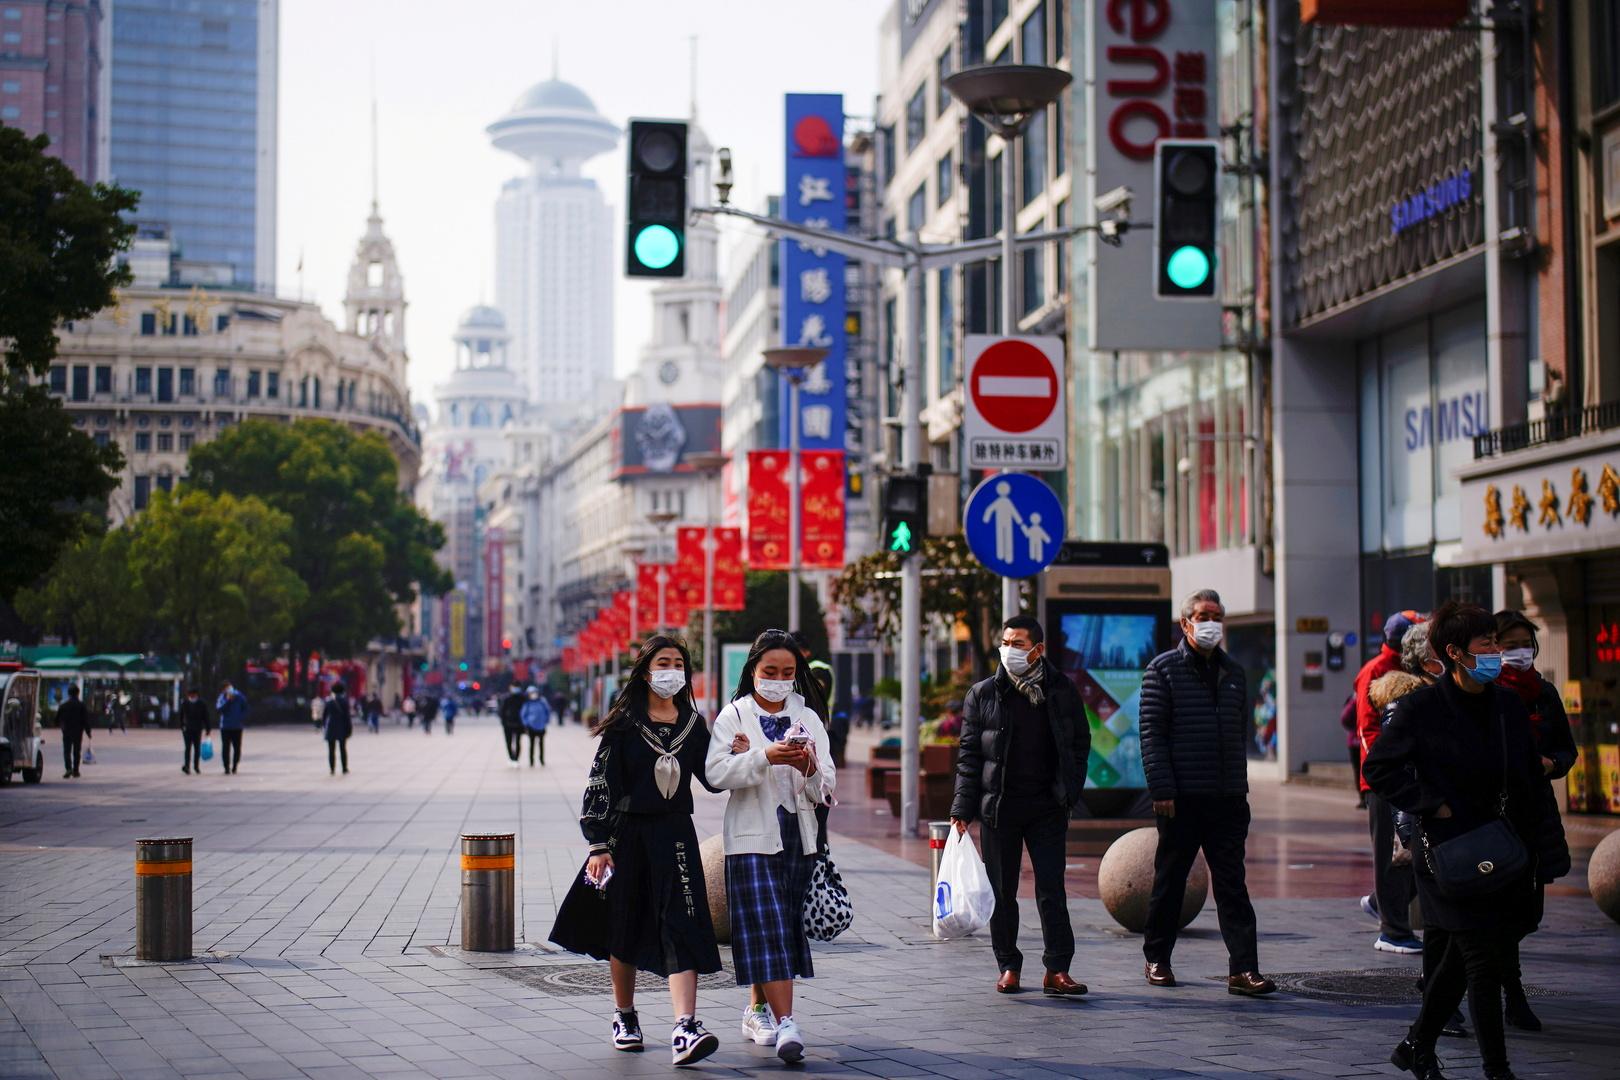 شارع في شانغهاي، صورة تعبيرية